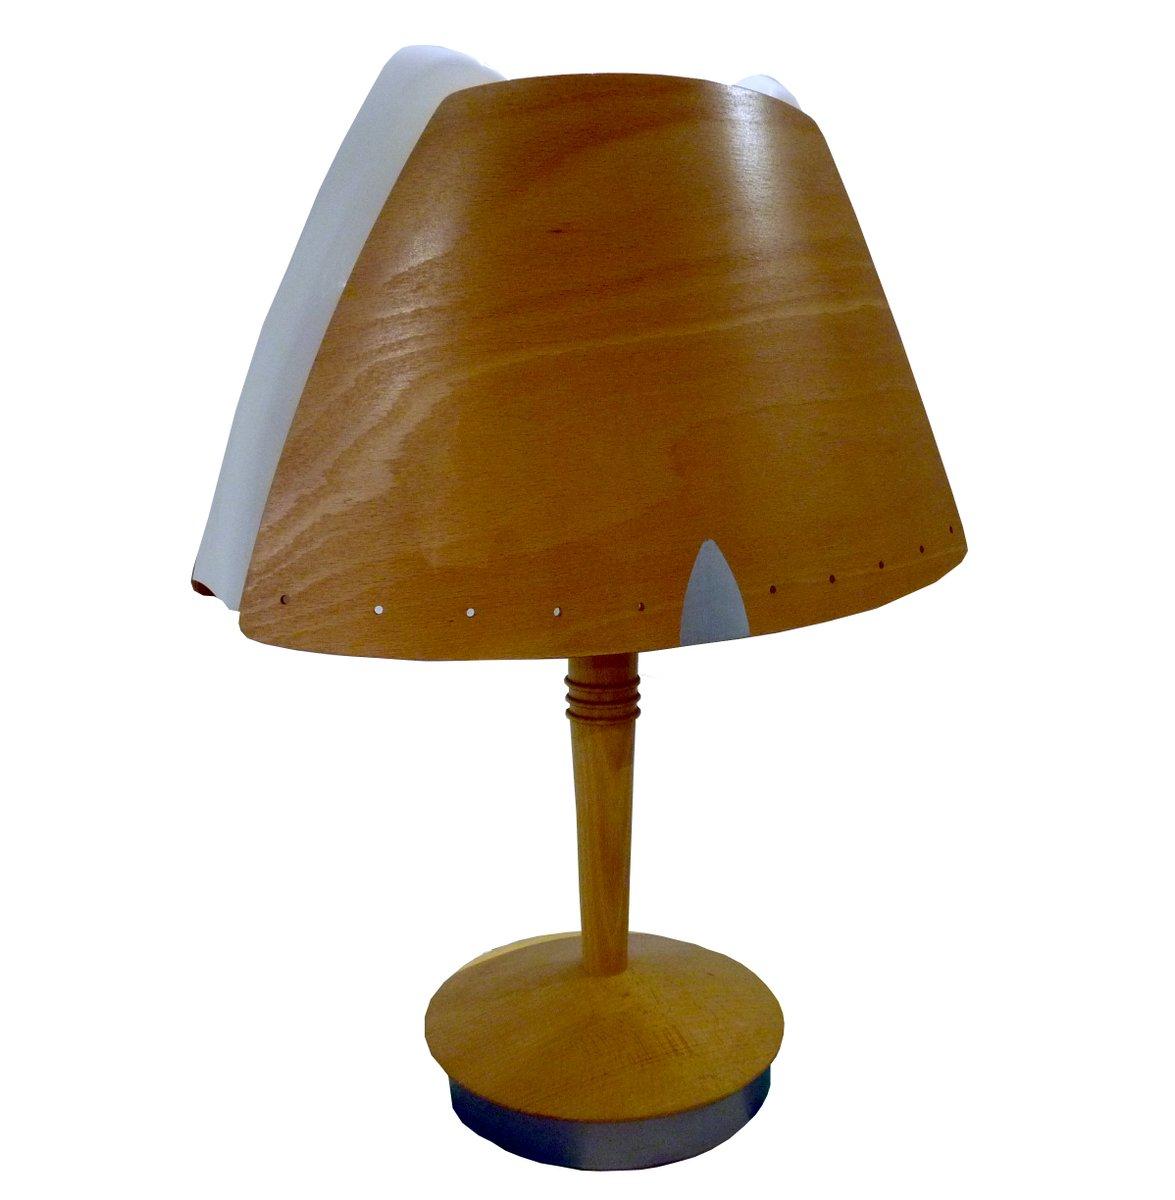 lampe de bureau vintage de lucid 1970s en vente sur pamono. Black Bedroom Furniture Sets. Home Design Ideas